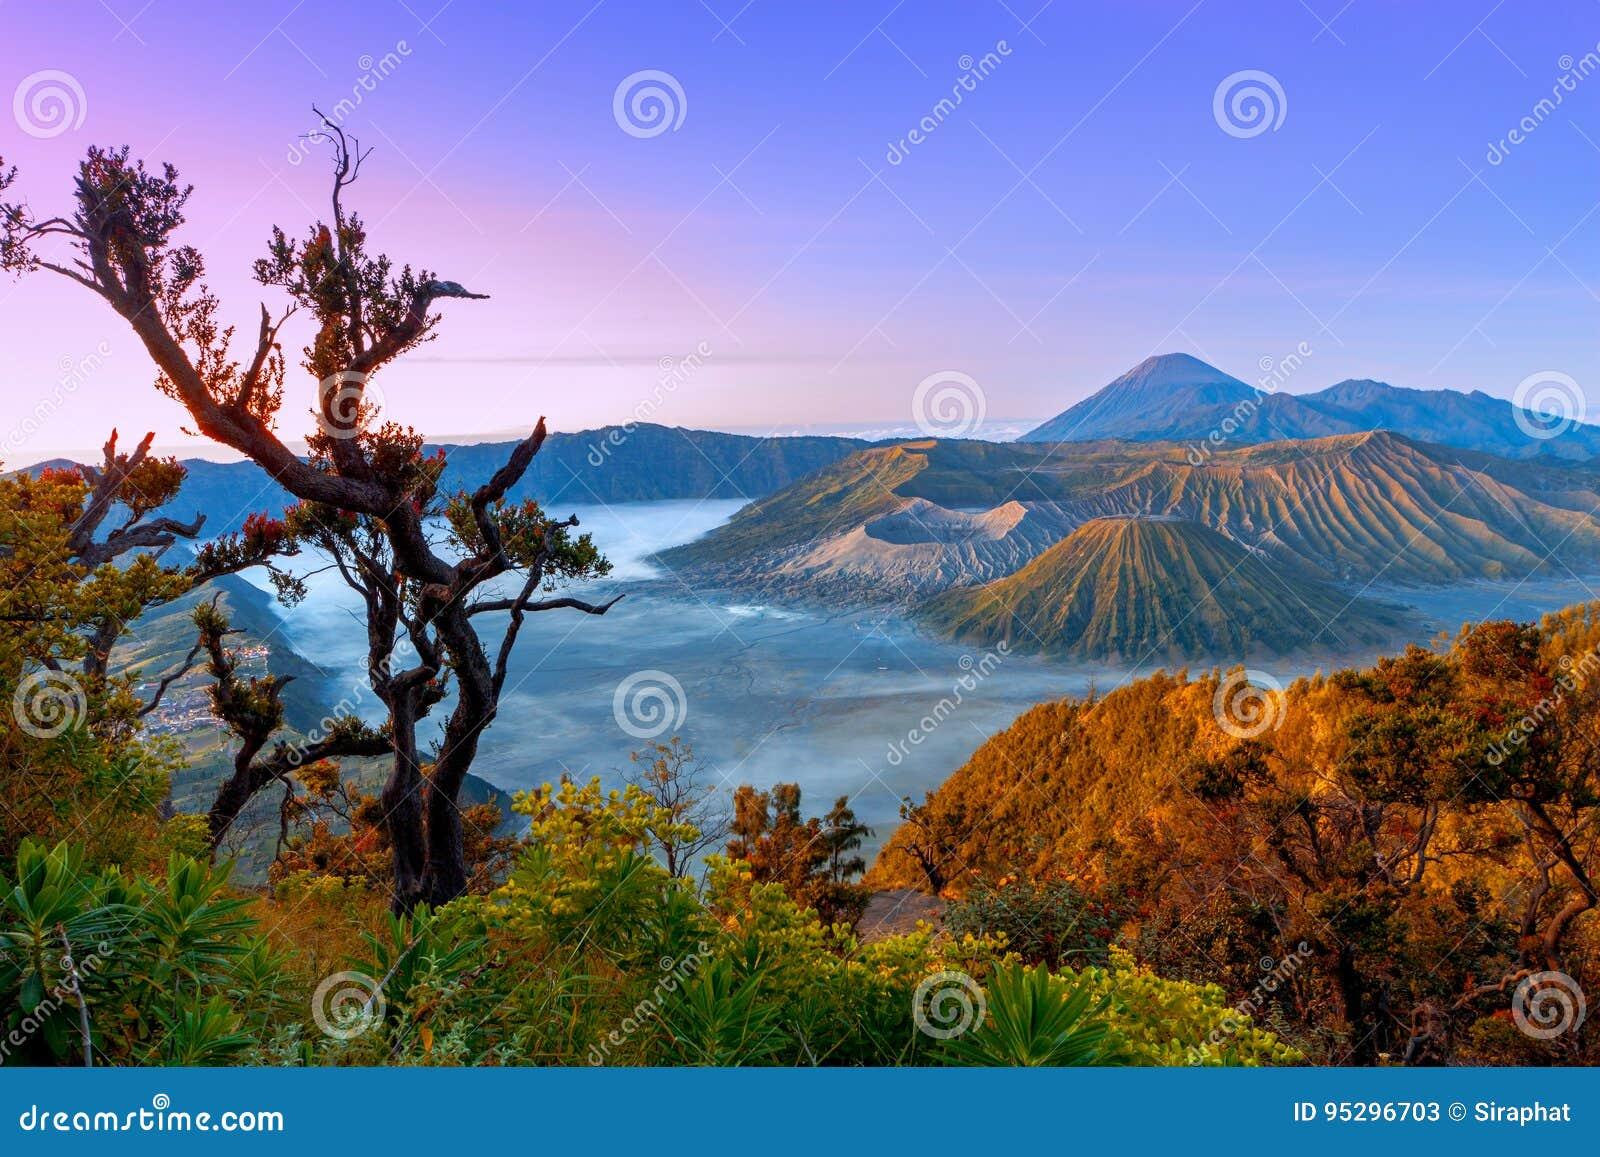 火山在日出的Bromo腾格尔塞梅鲁火山国家公园 Java